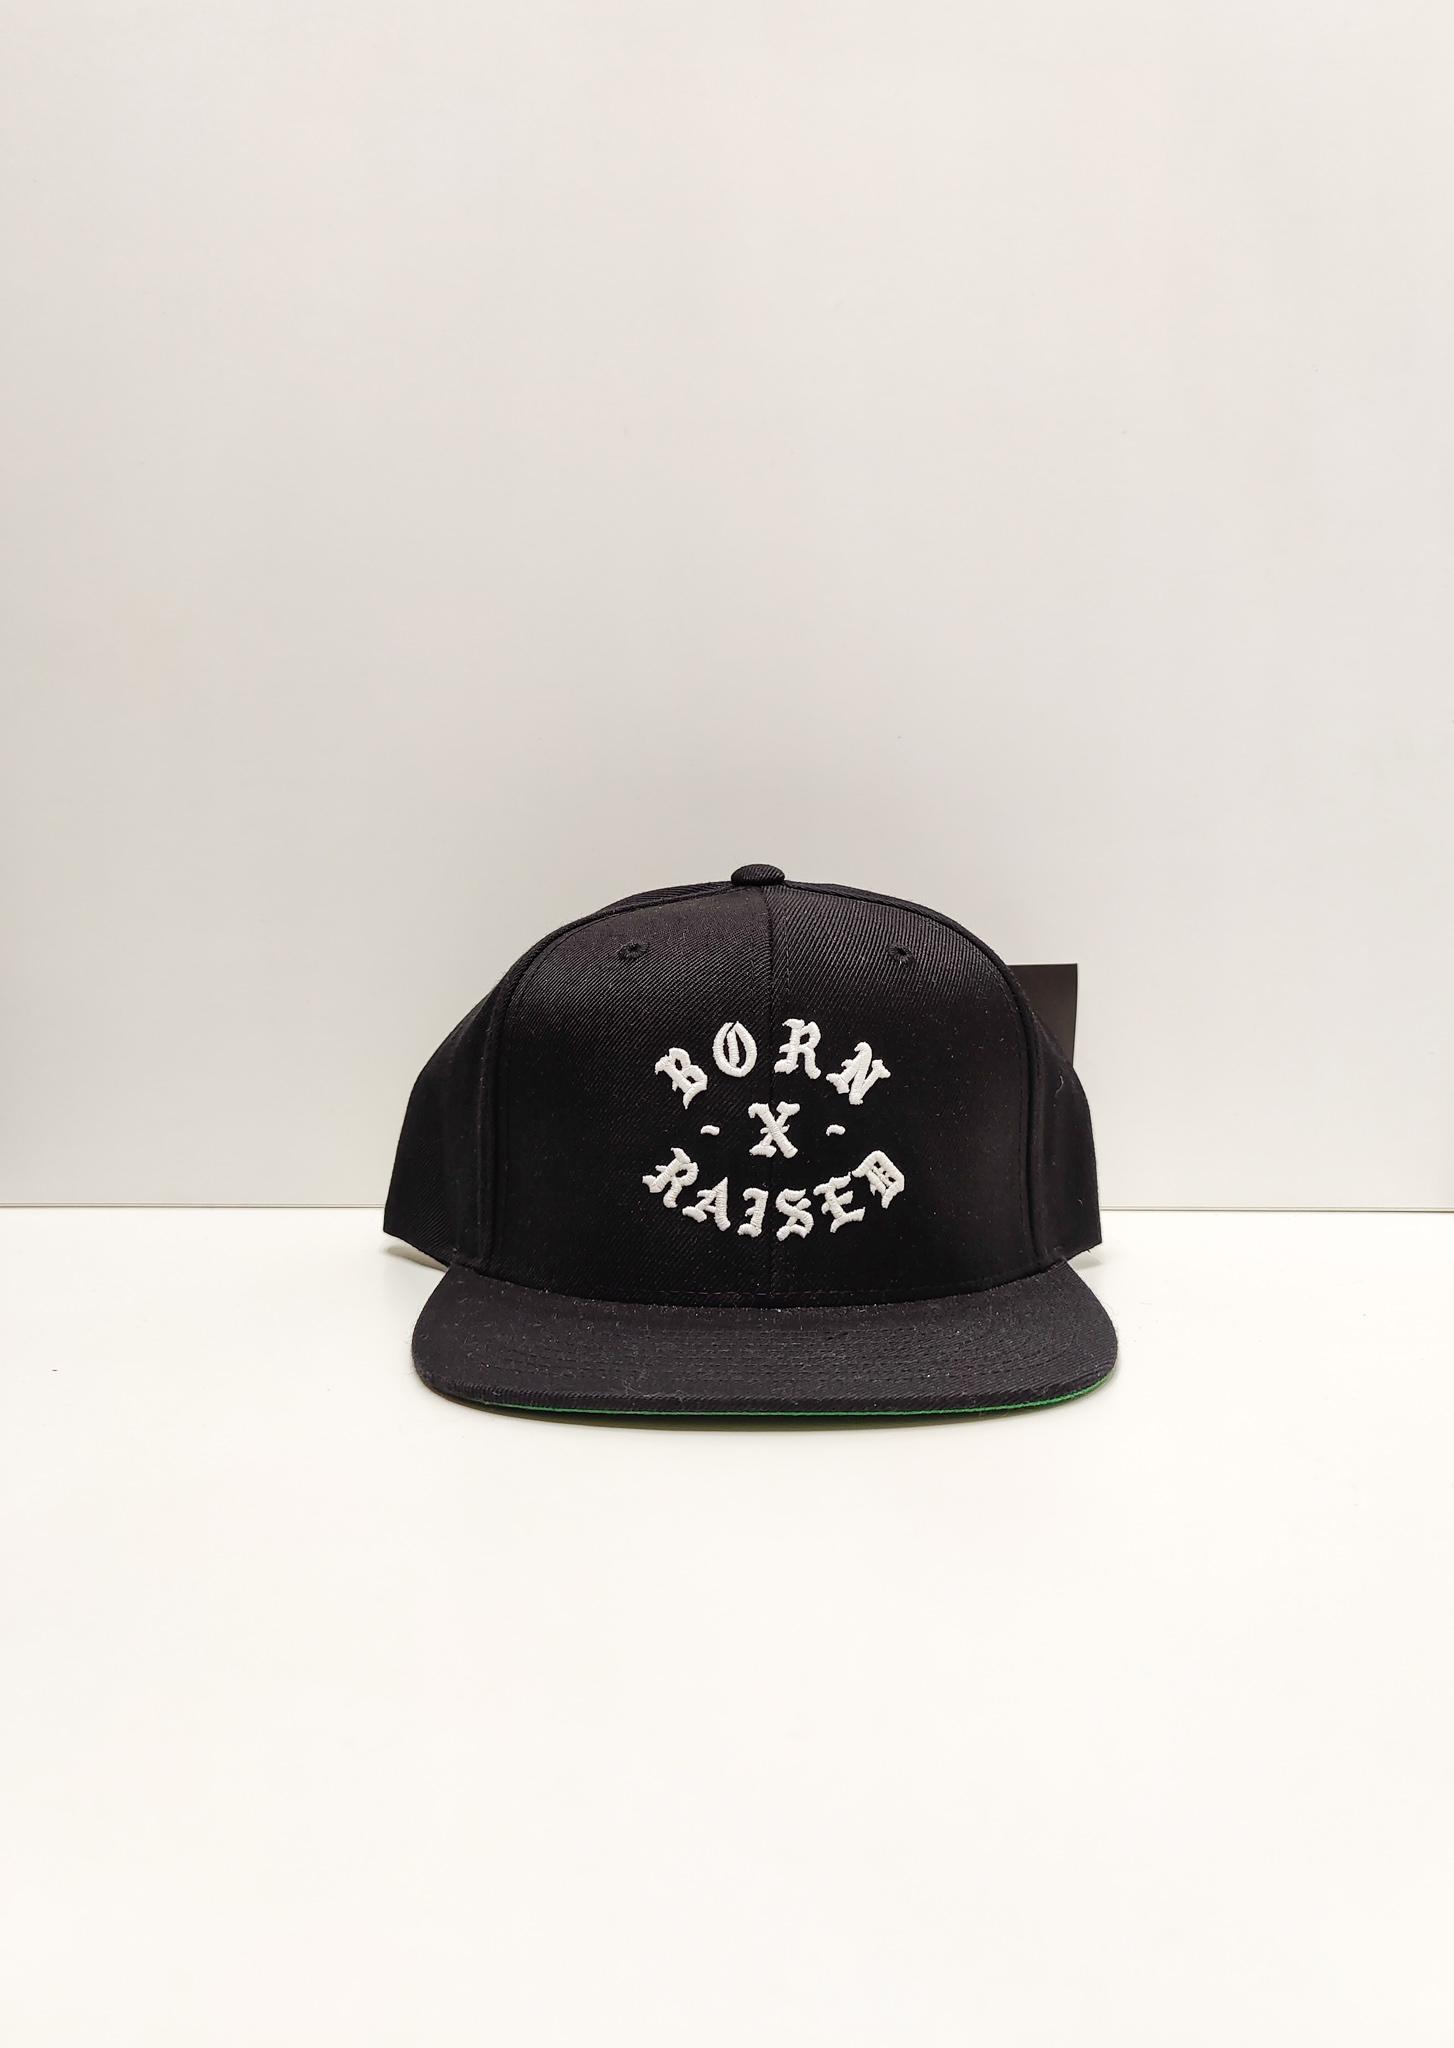 Born x Raised Starter Black Label Keps